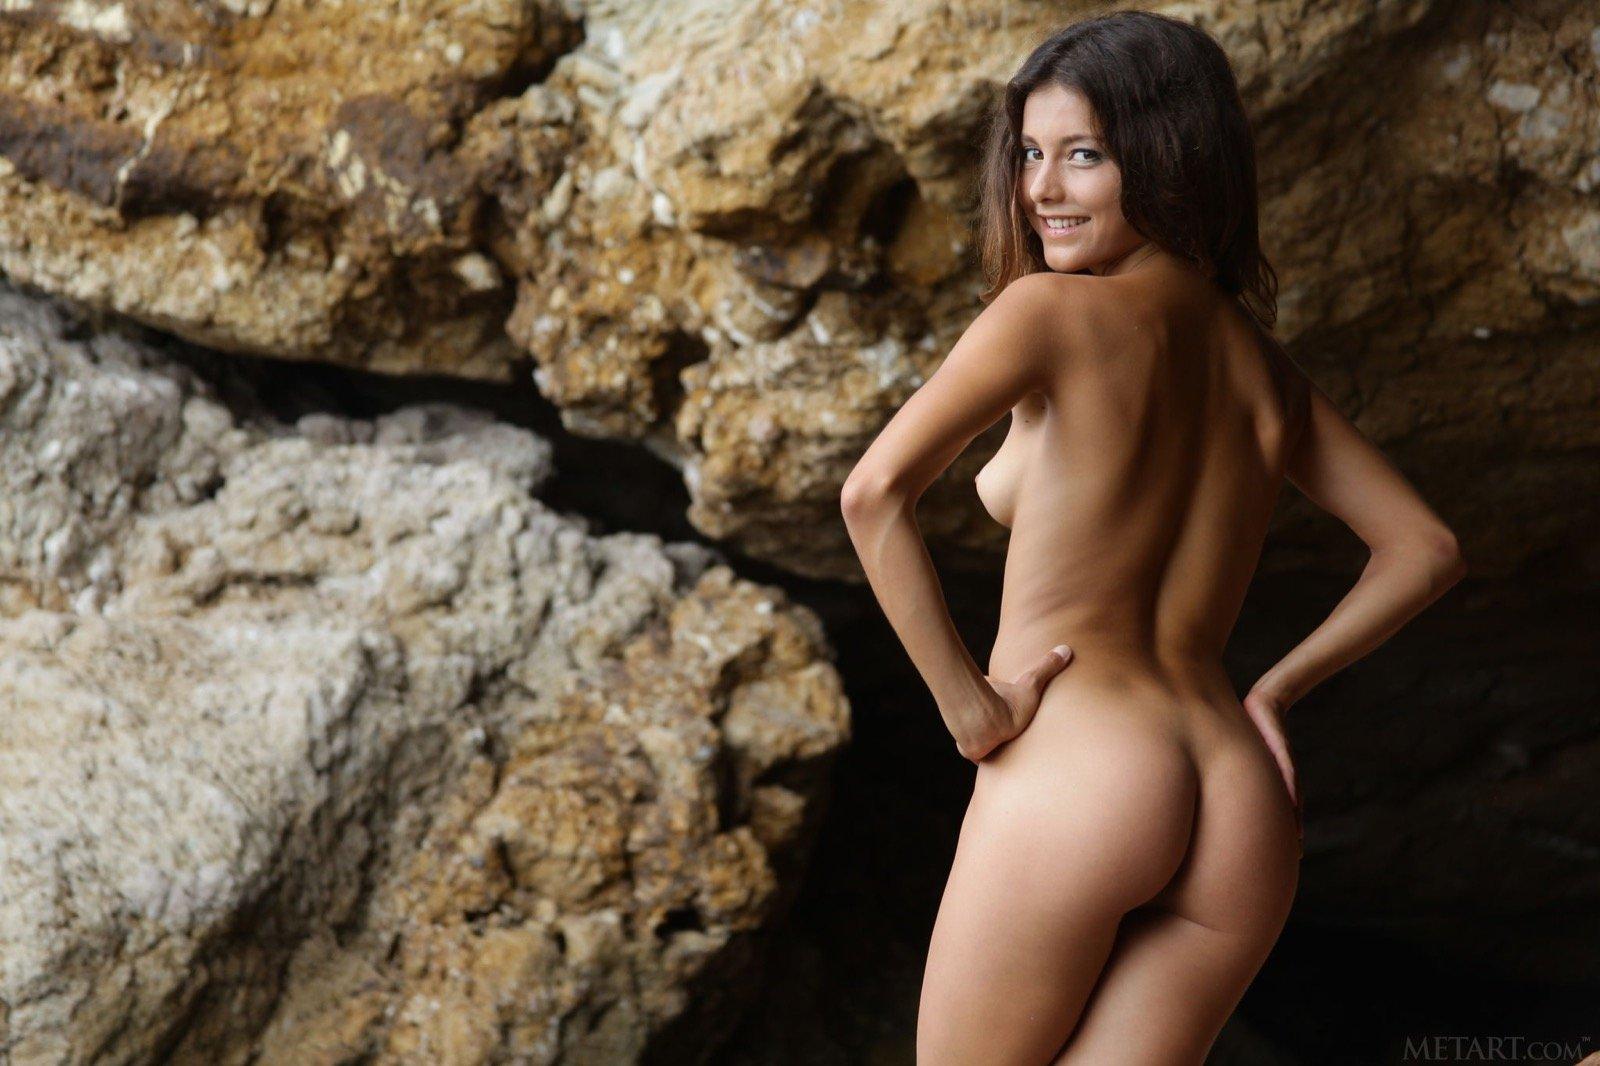 Стройная раздетая телка выгибается среди скал